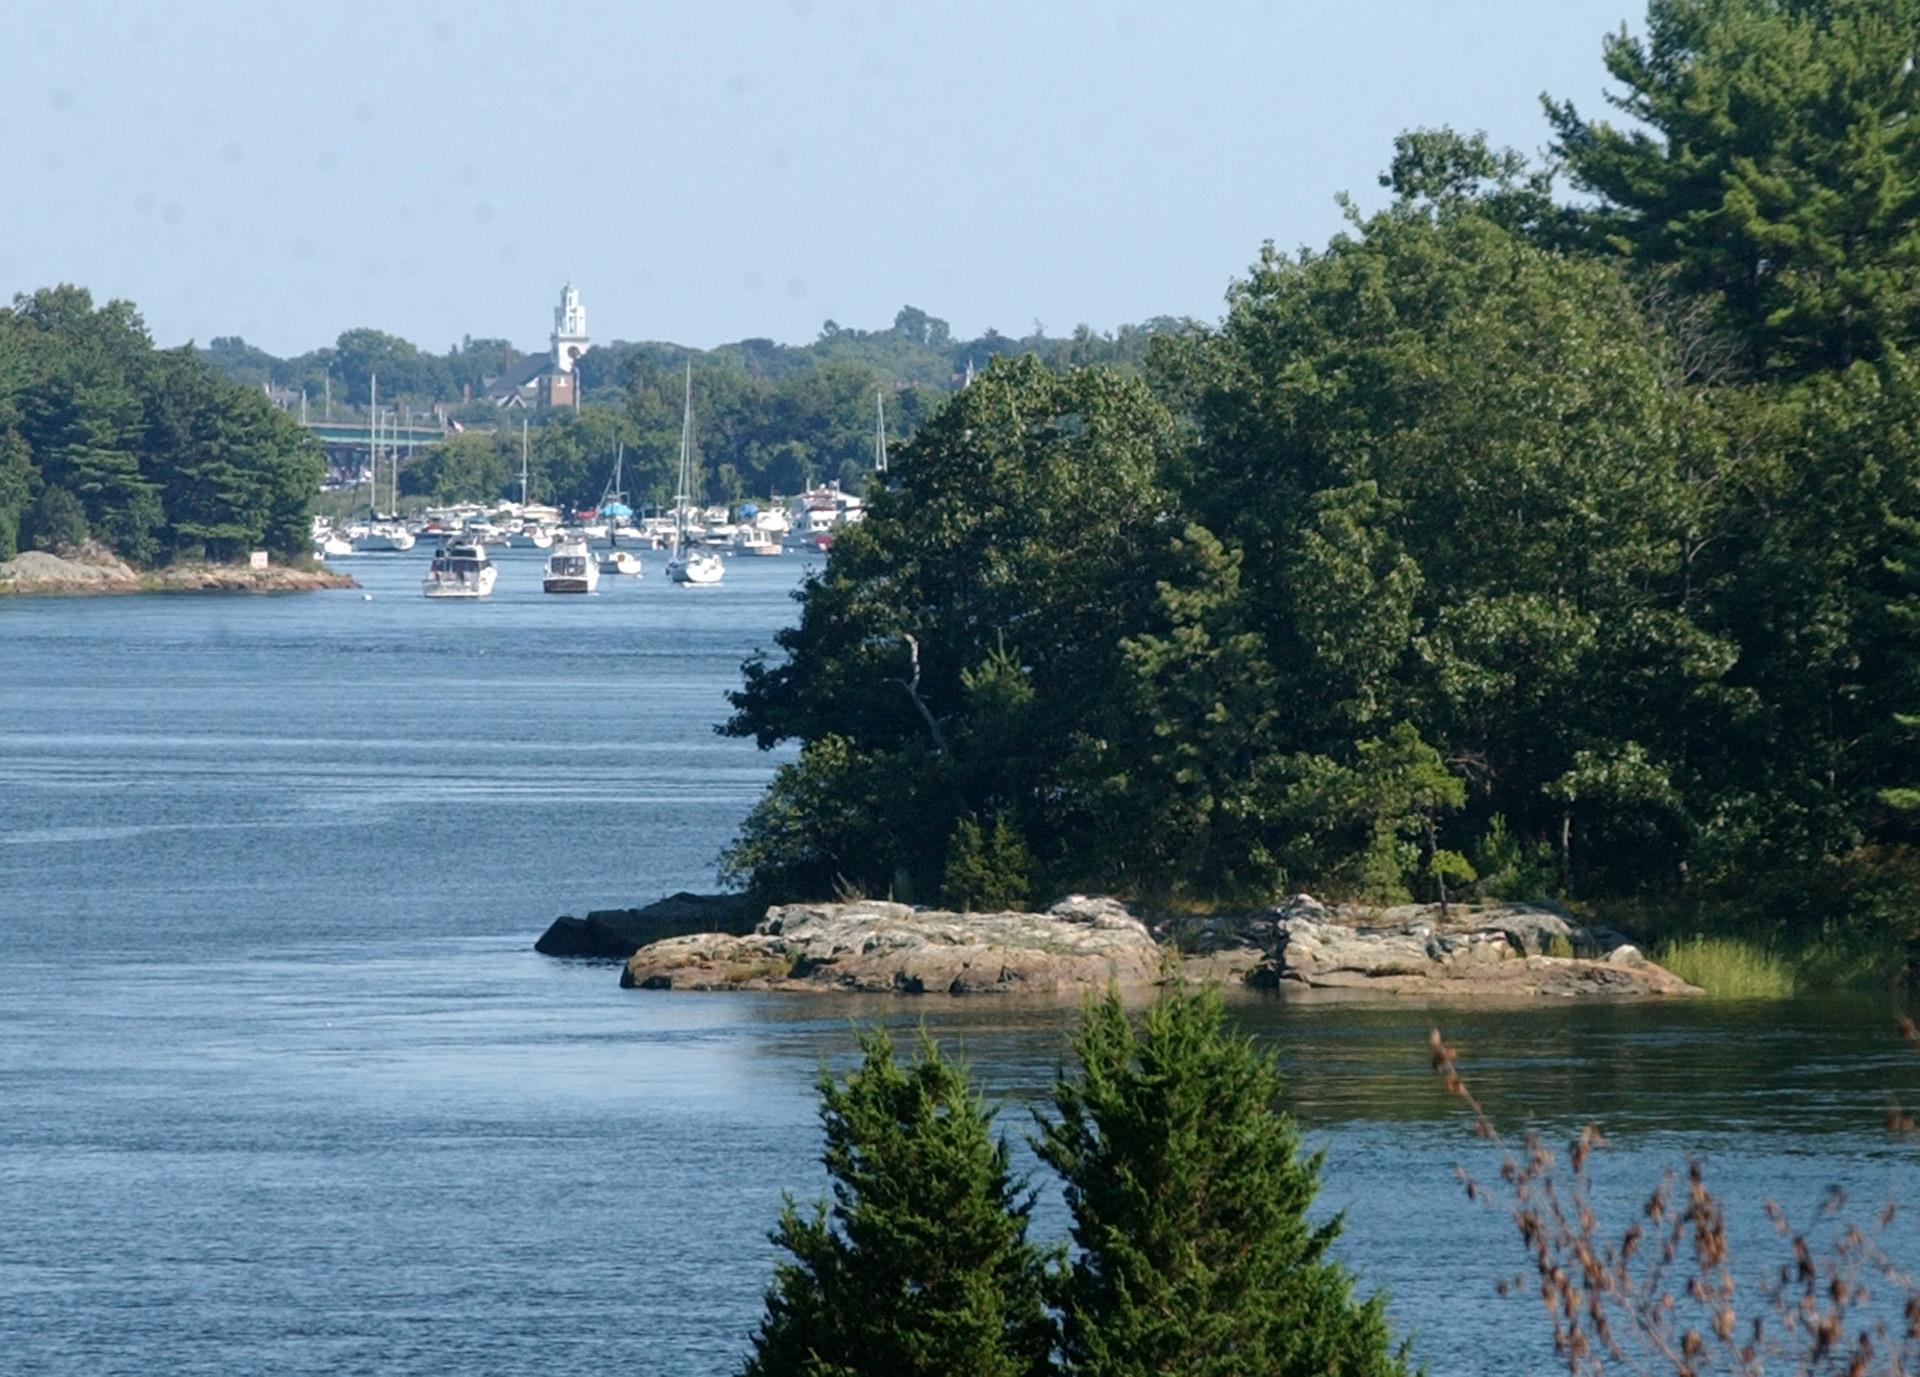 Merrimack River with islands